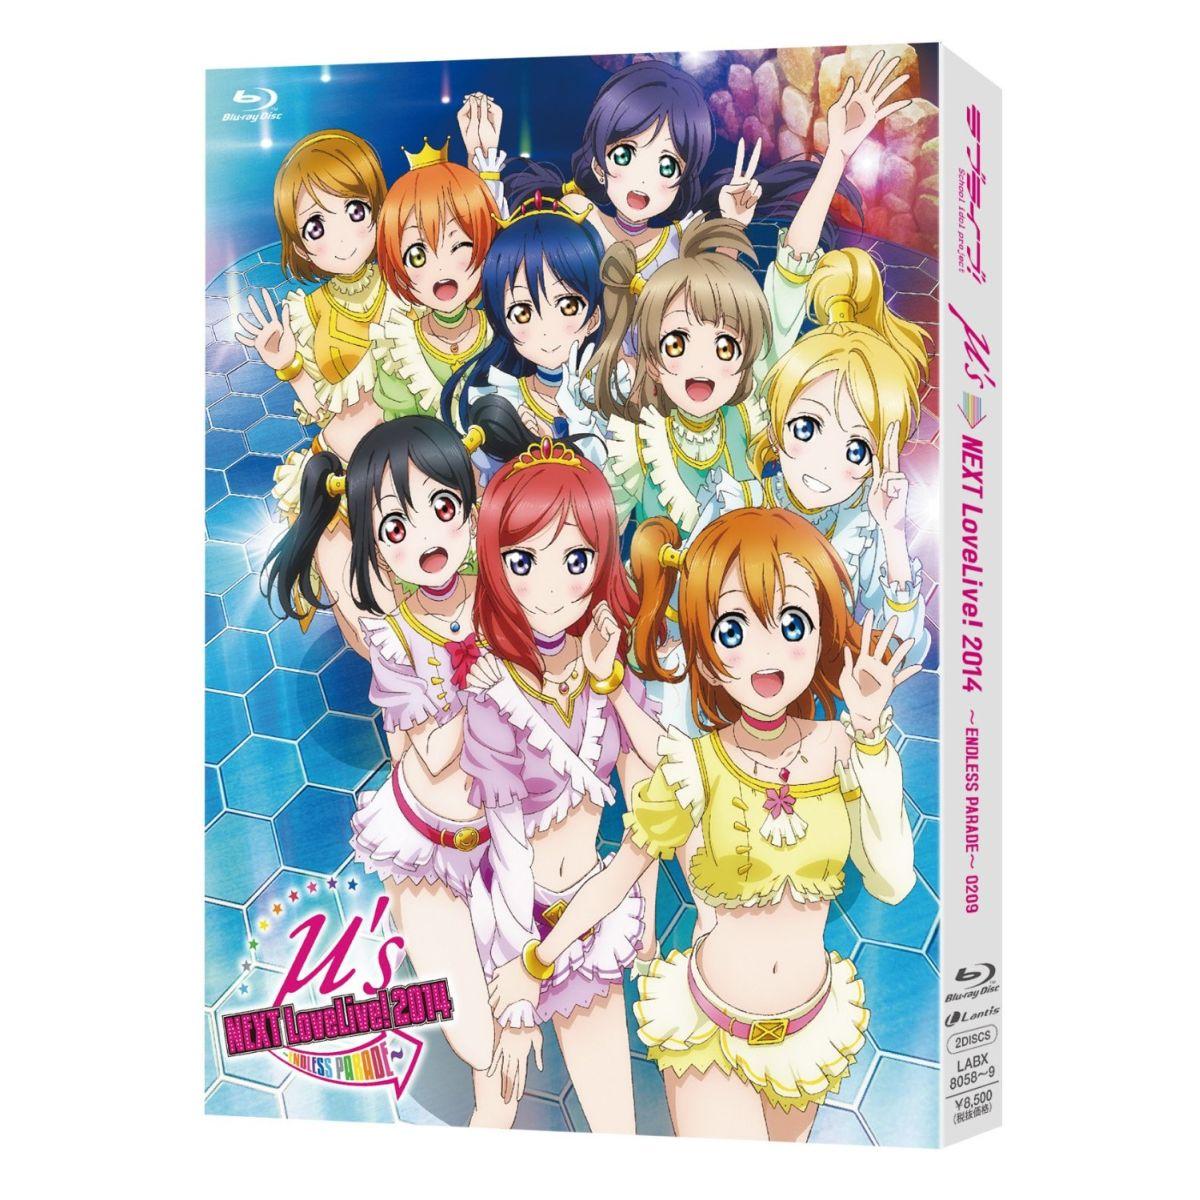 ラブライブ! μ's →NEXT LoveLive! 2014〜ENDLESS PARADE〜【Blu-ray】画像